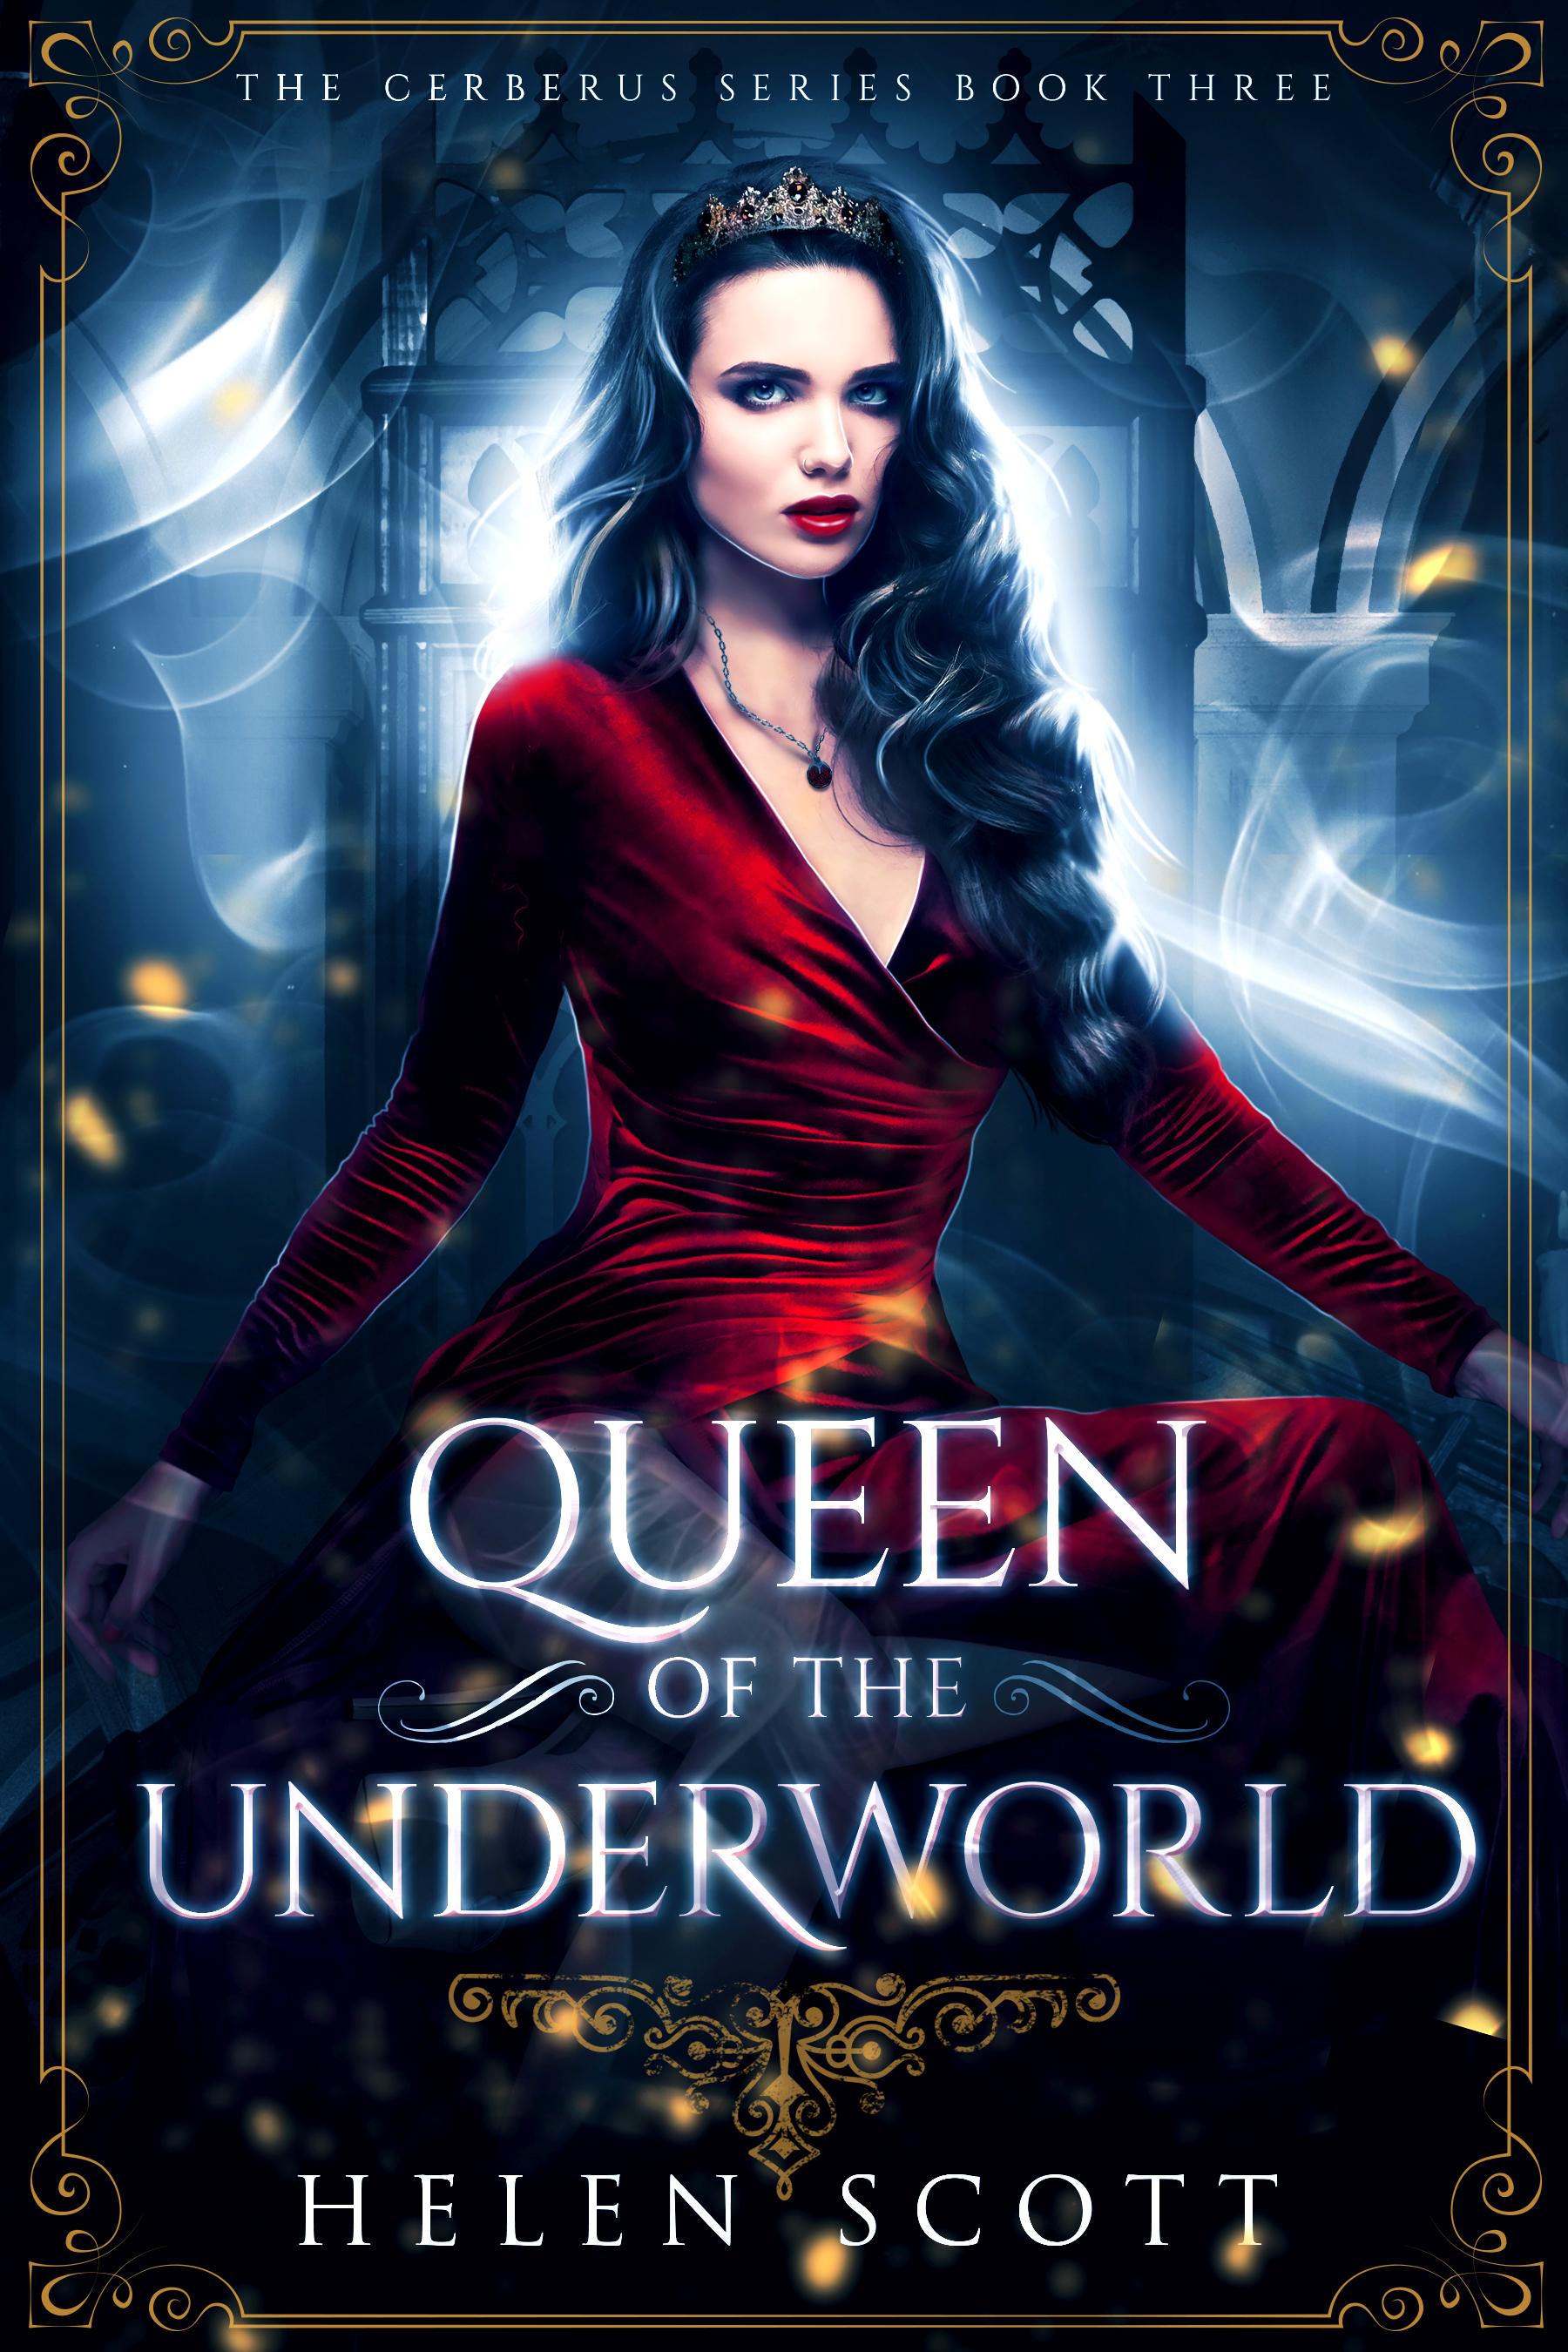 Helen Scott - Cerberus 3 - Queen of the Underworld